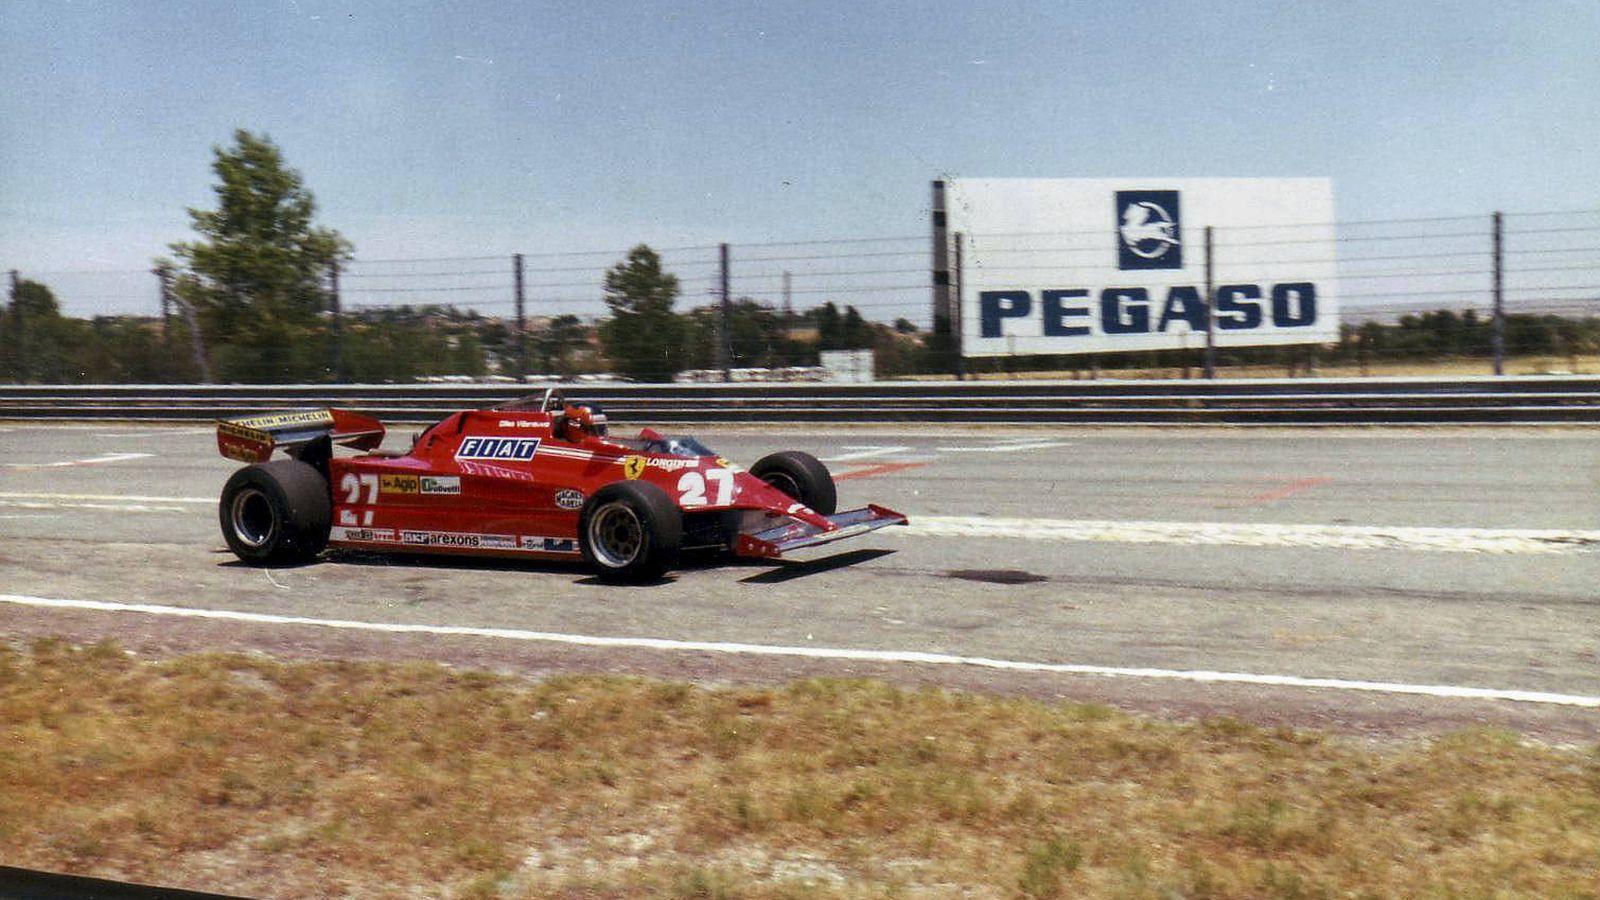 Foto: Villeneuve, en su Ferrari, sobre el asfalto del Jarama. (Jesús Rubio)